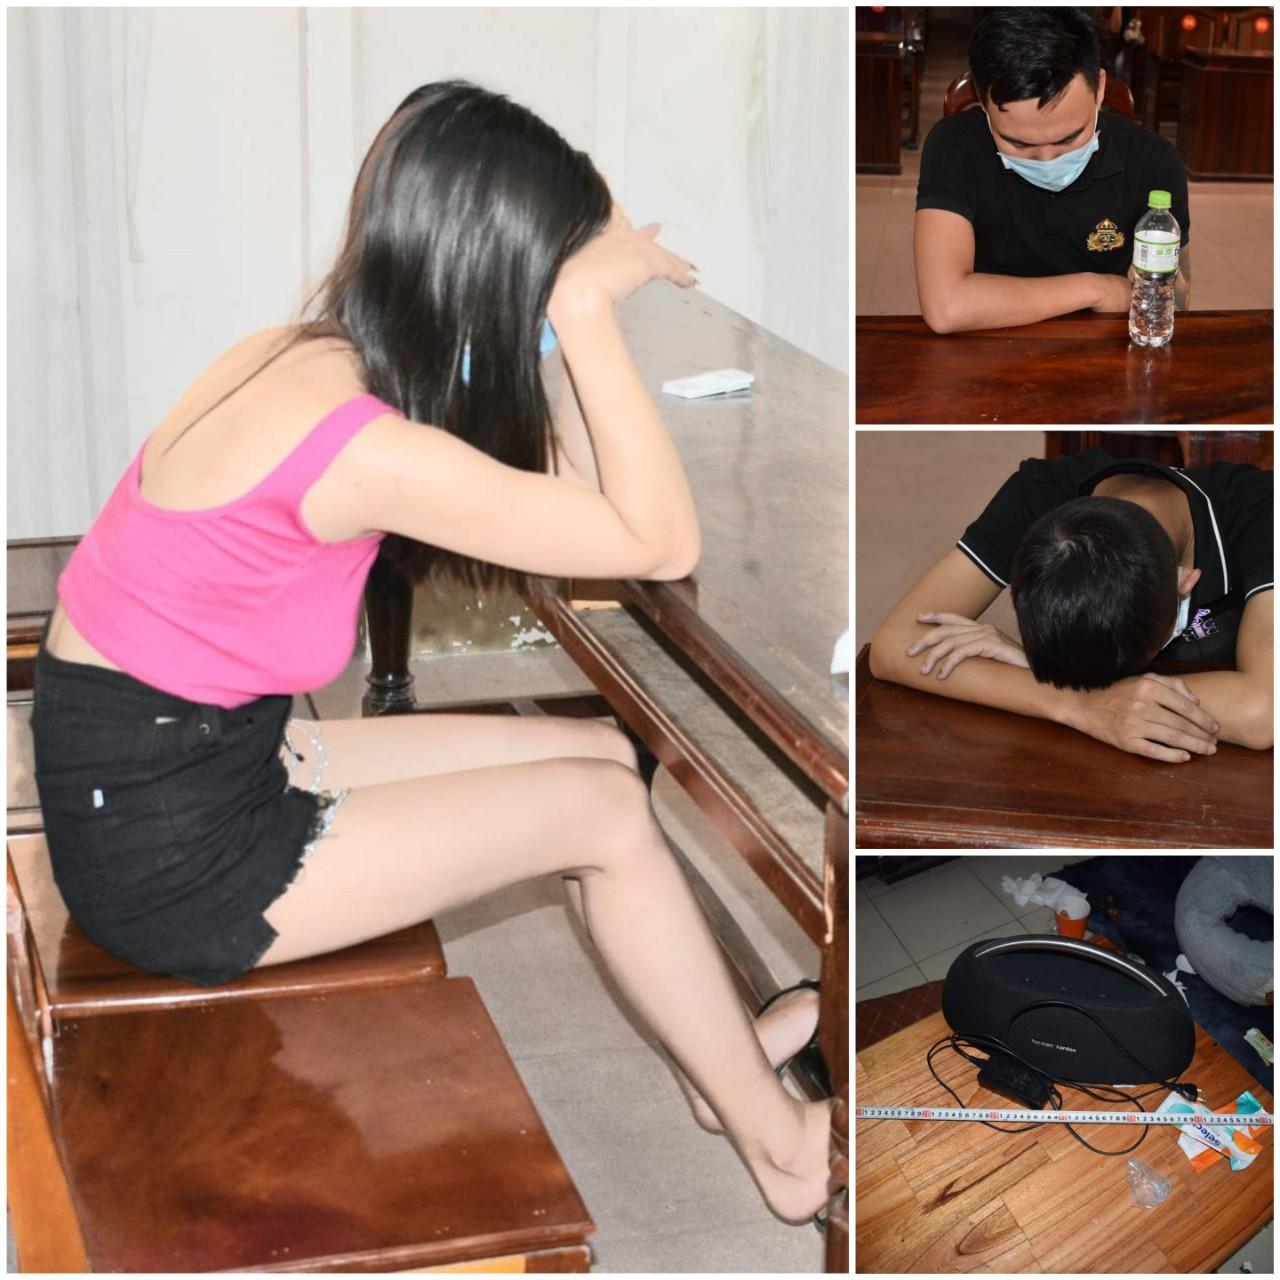 49e62bfac31834466d09 16285975998081873966249 Giữa lúc dịch Covid 19 căng thẳng, phát hiện 10 nam nữ thanh niên thuê nhà sử dụng ma túy